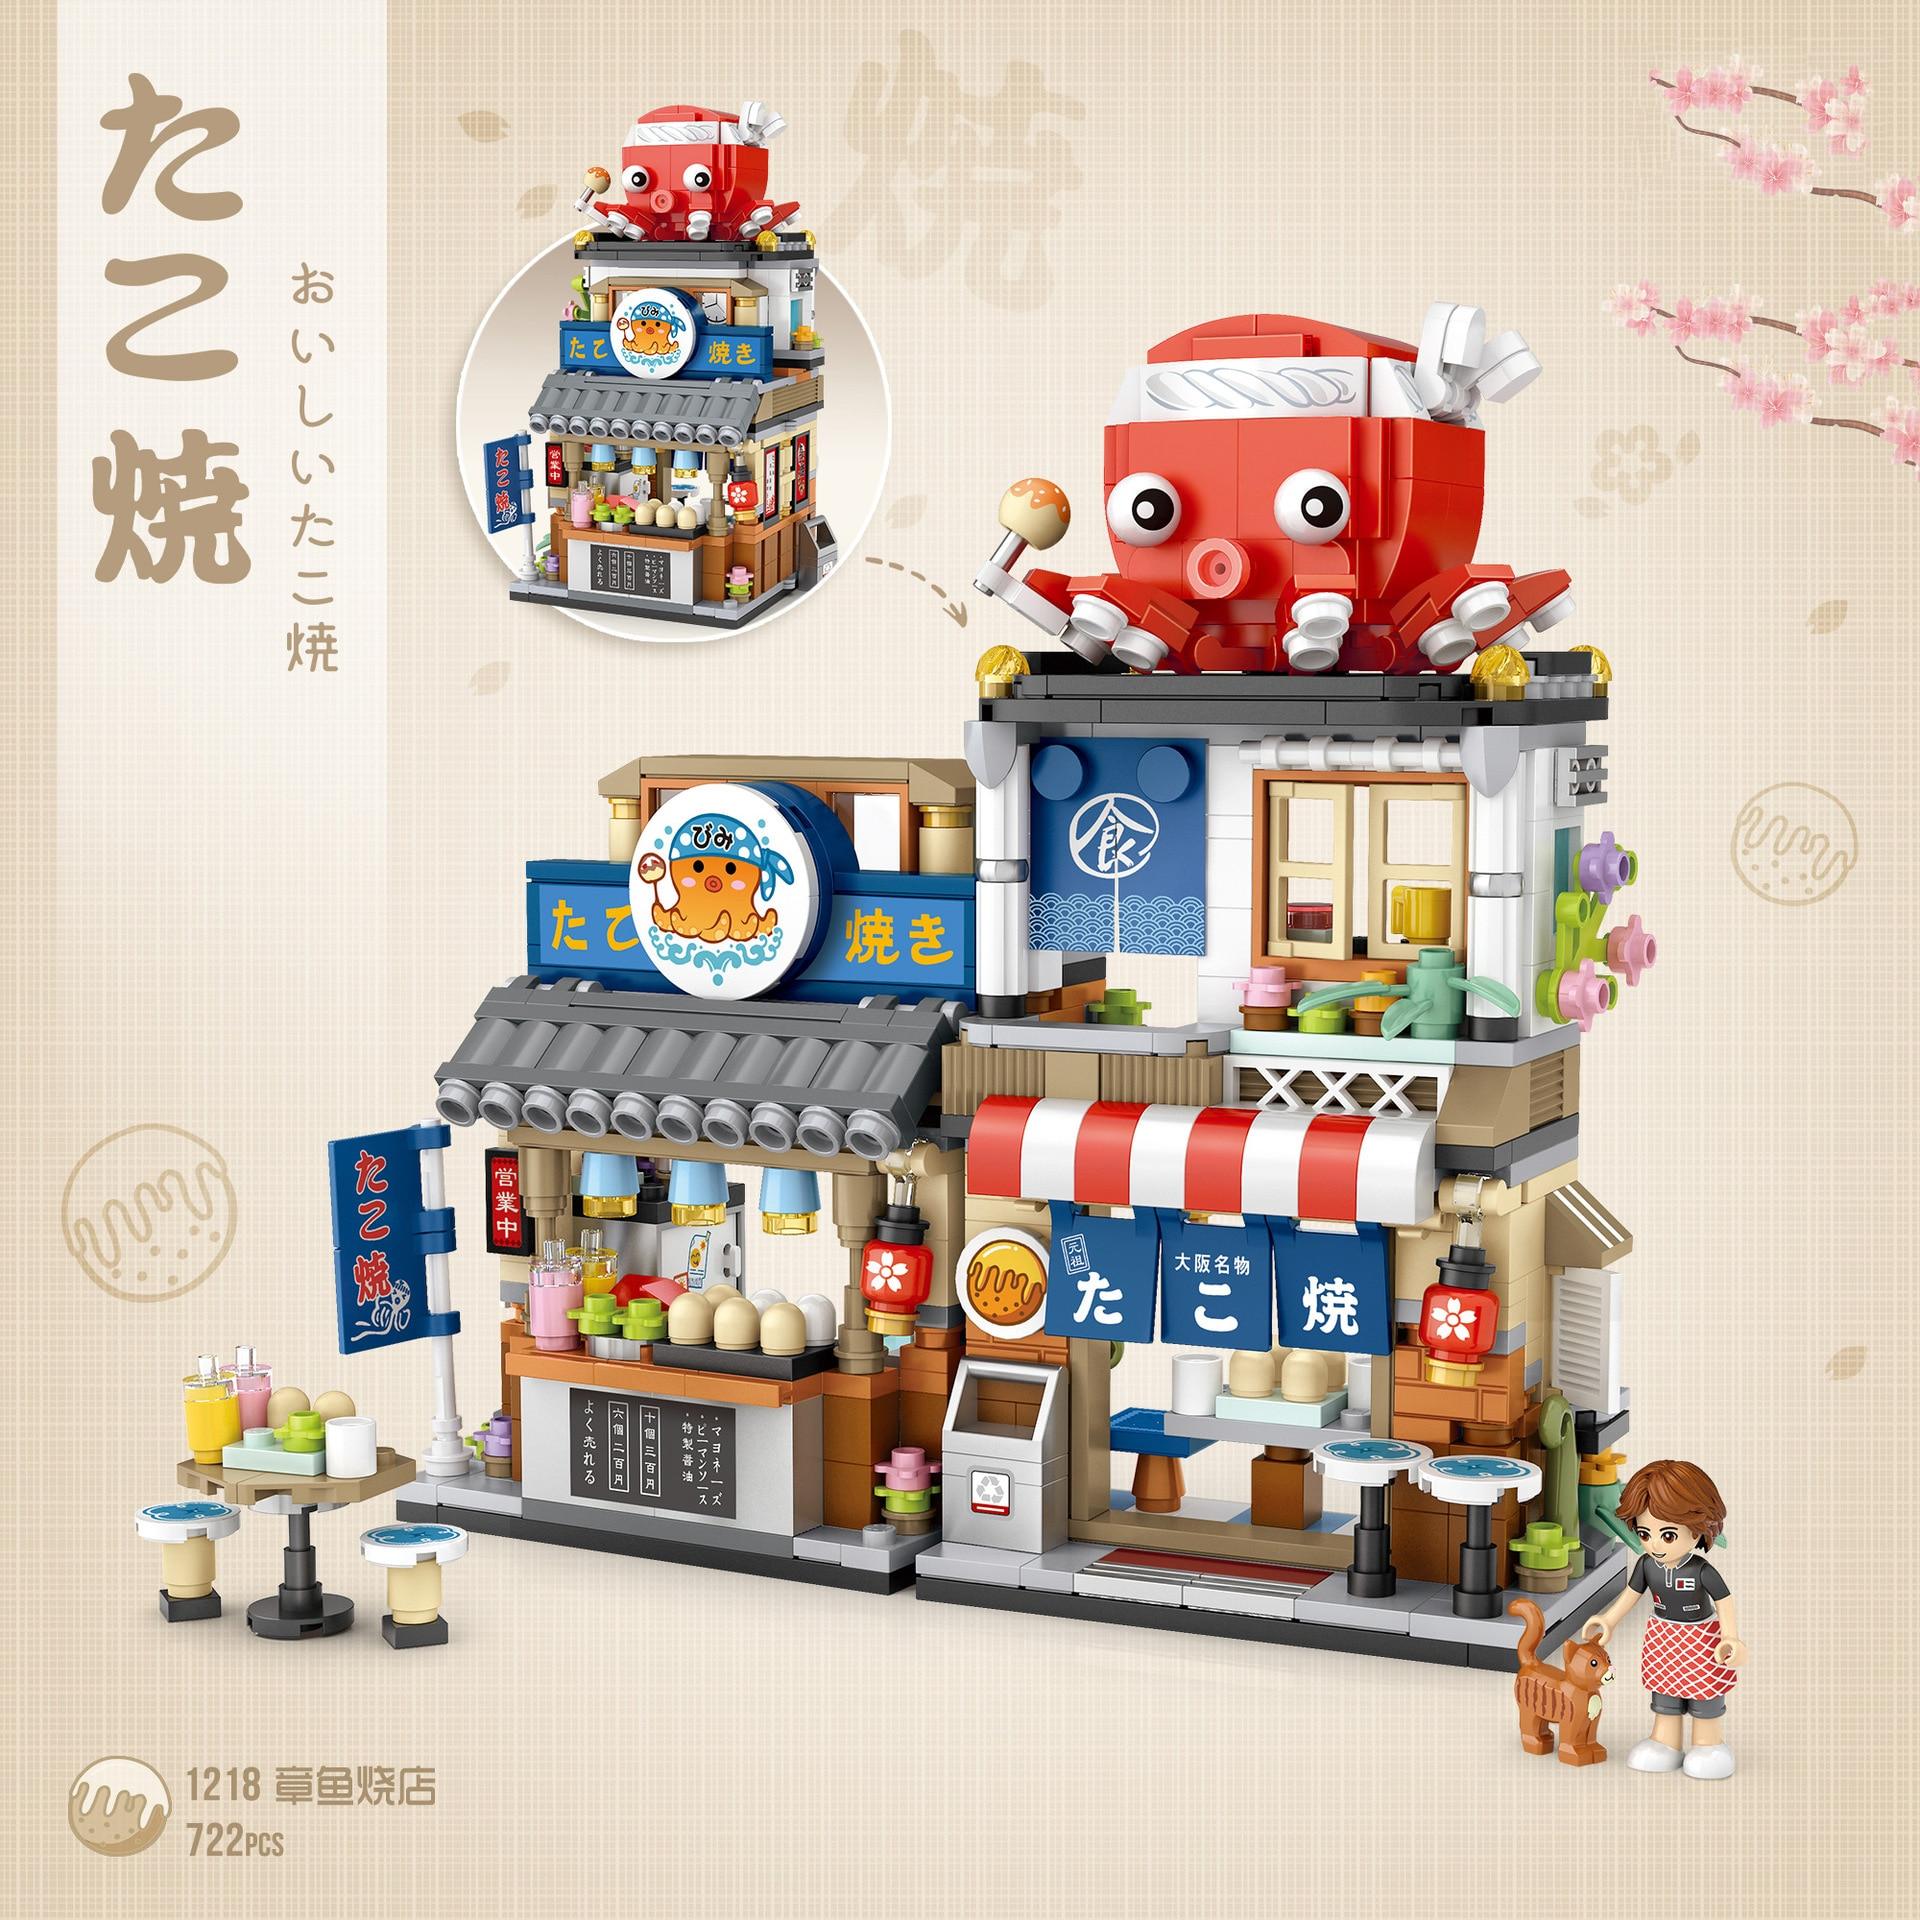 Japon ville rue vue mini bloc compote poulpe Restaurant bâtiment brique figure streetscape jouet éducatif pour enfants cadeau